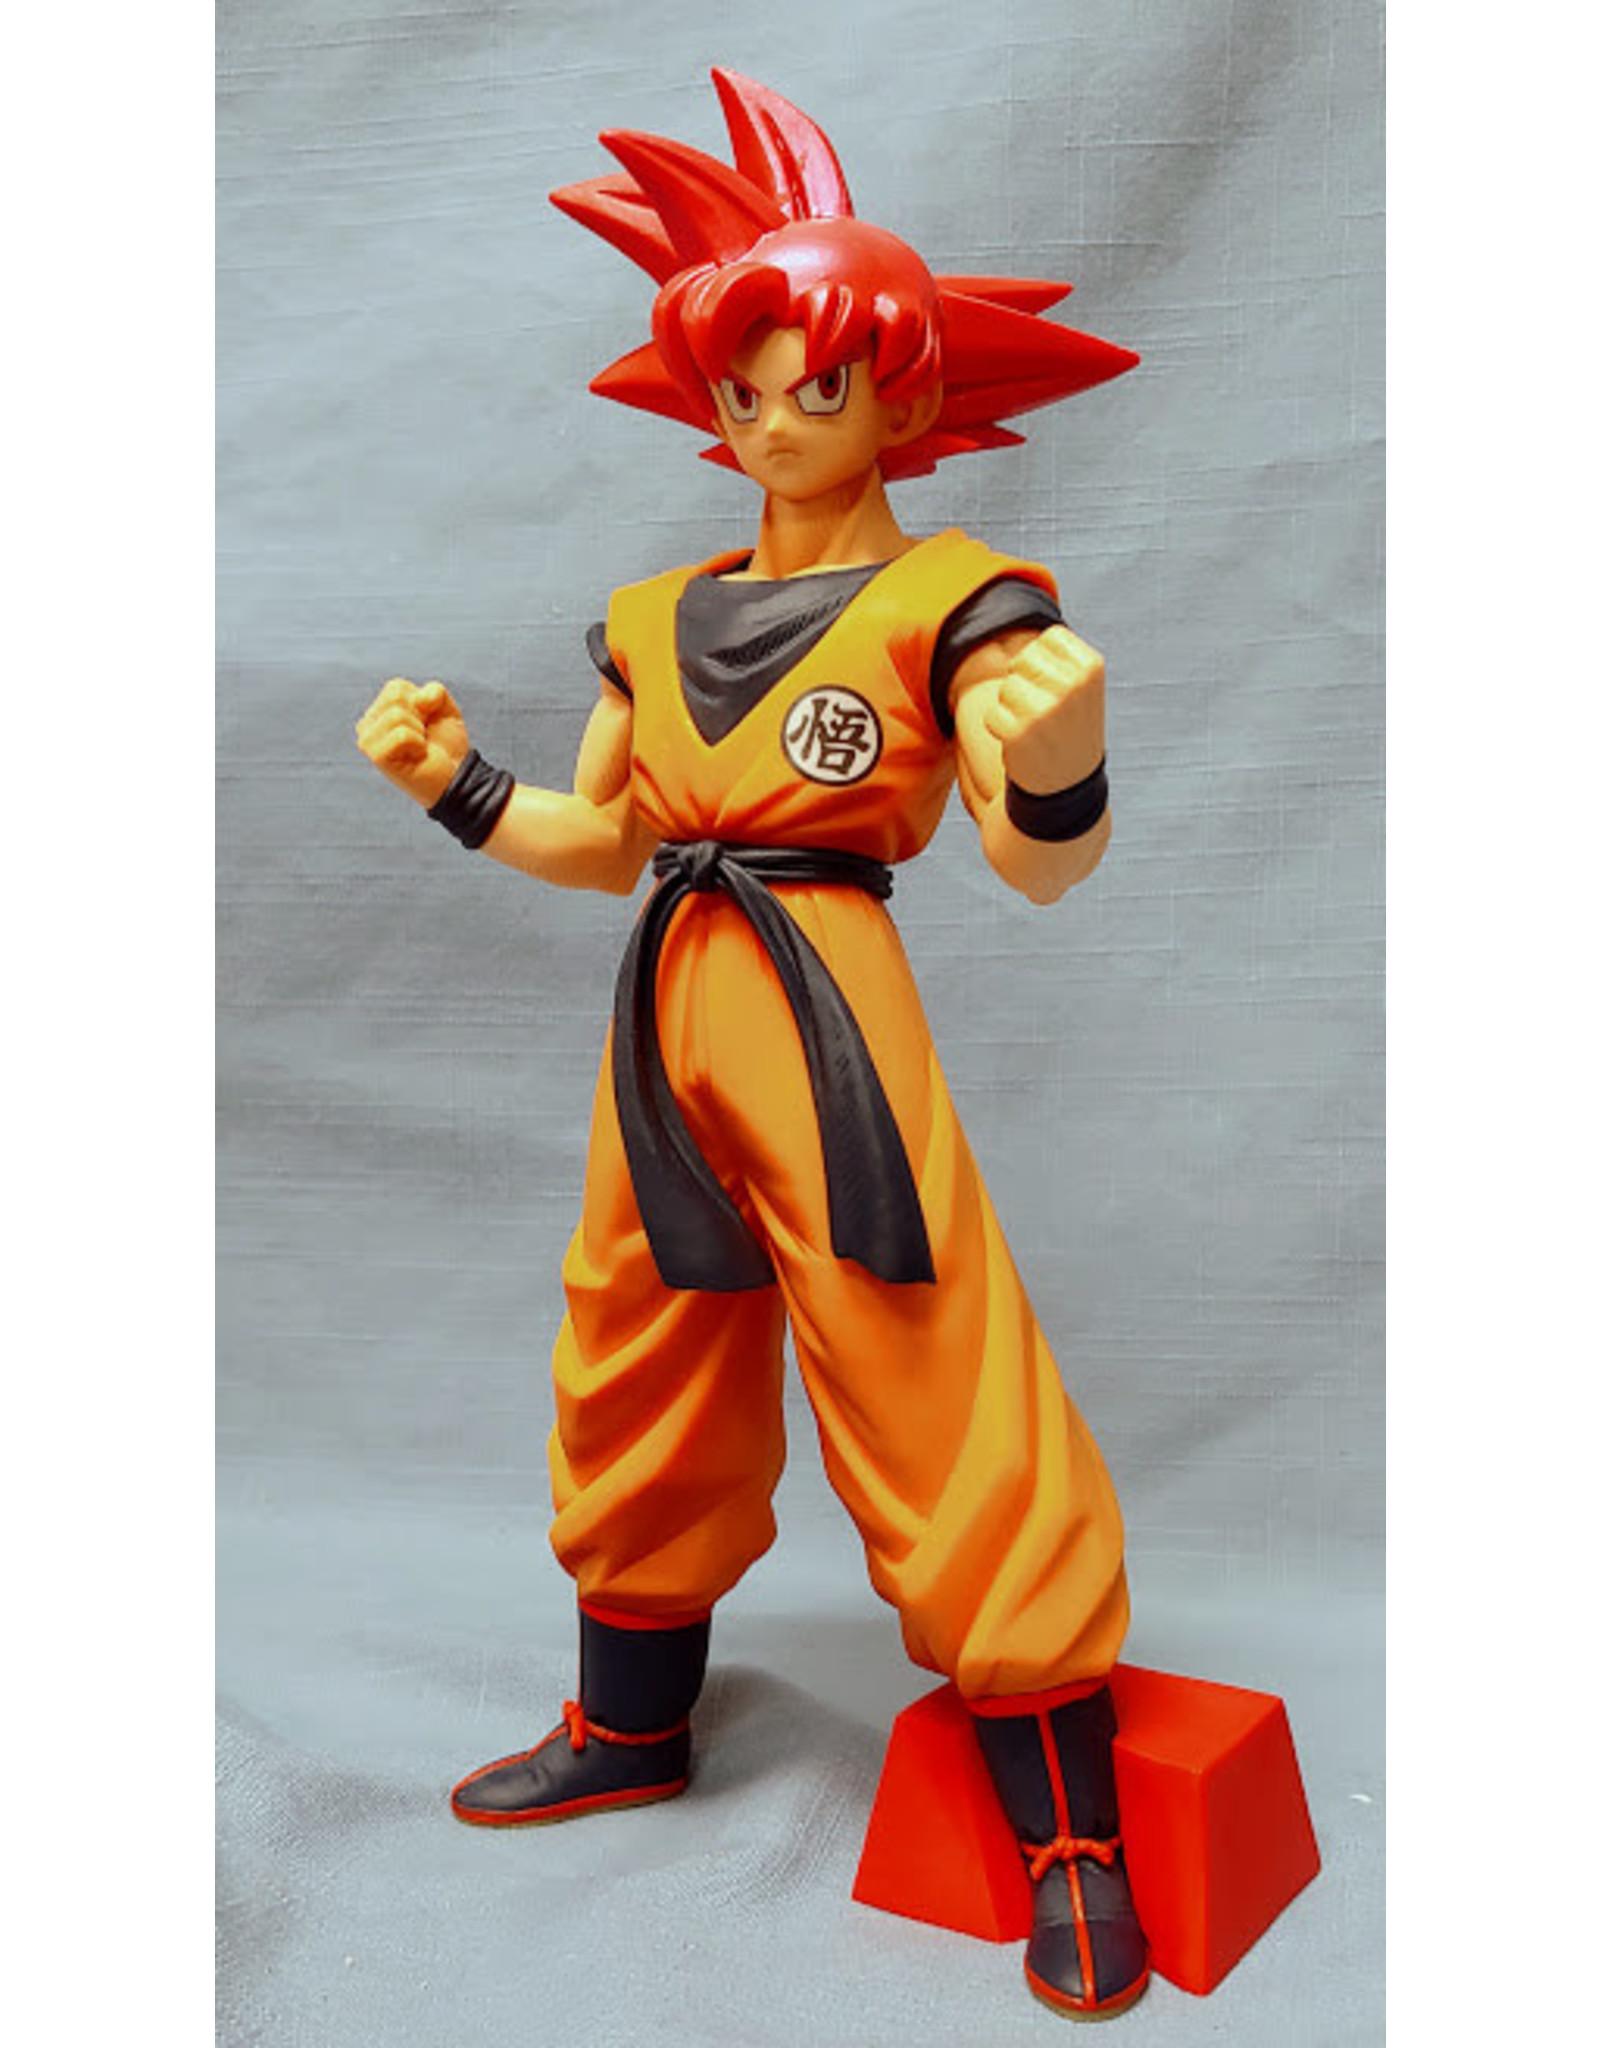 Dragon Ball Super Goku Choukokubuyuuden Figure 2012